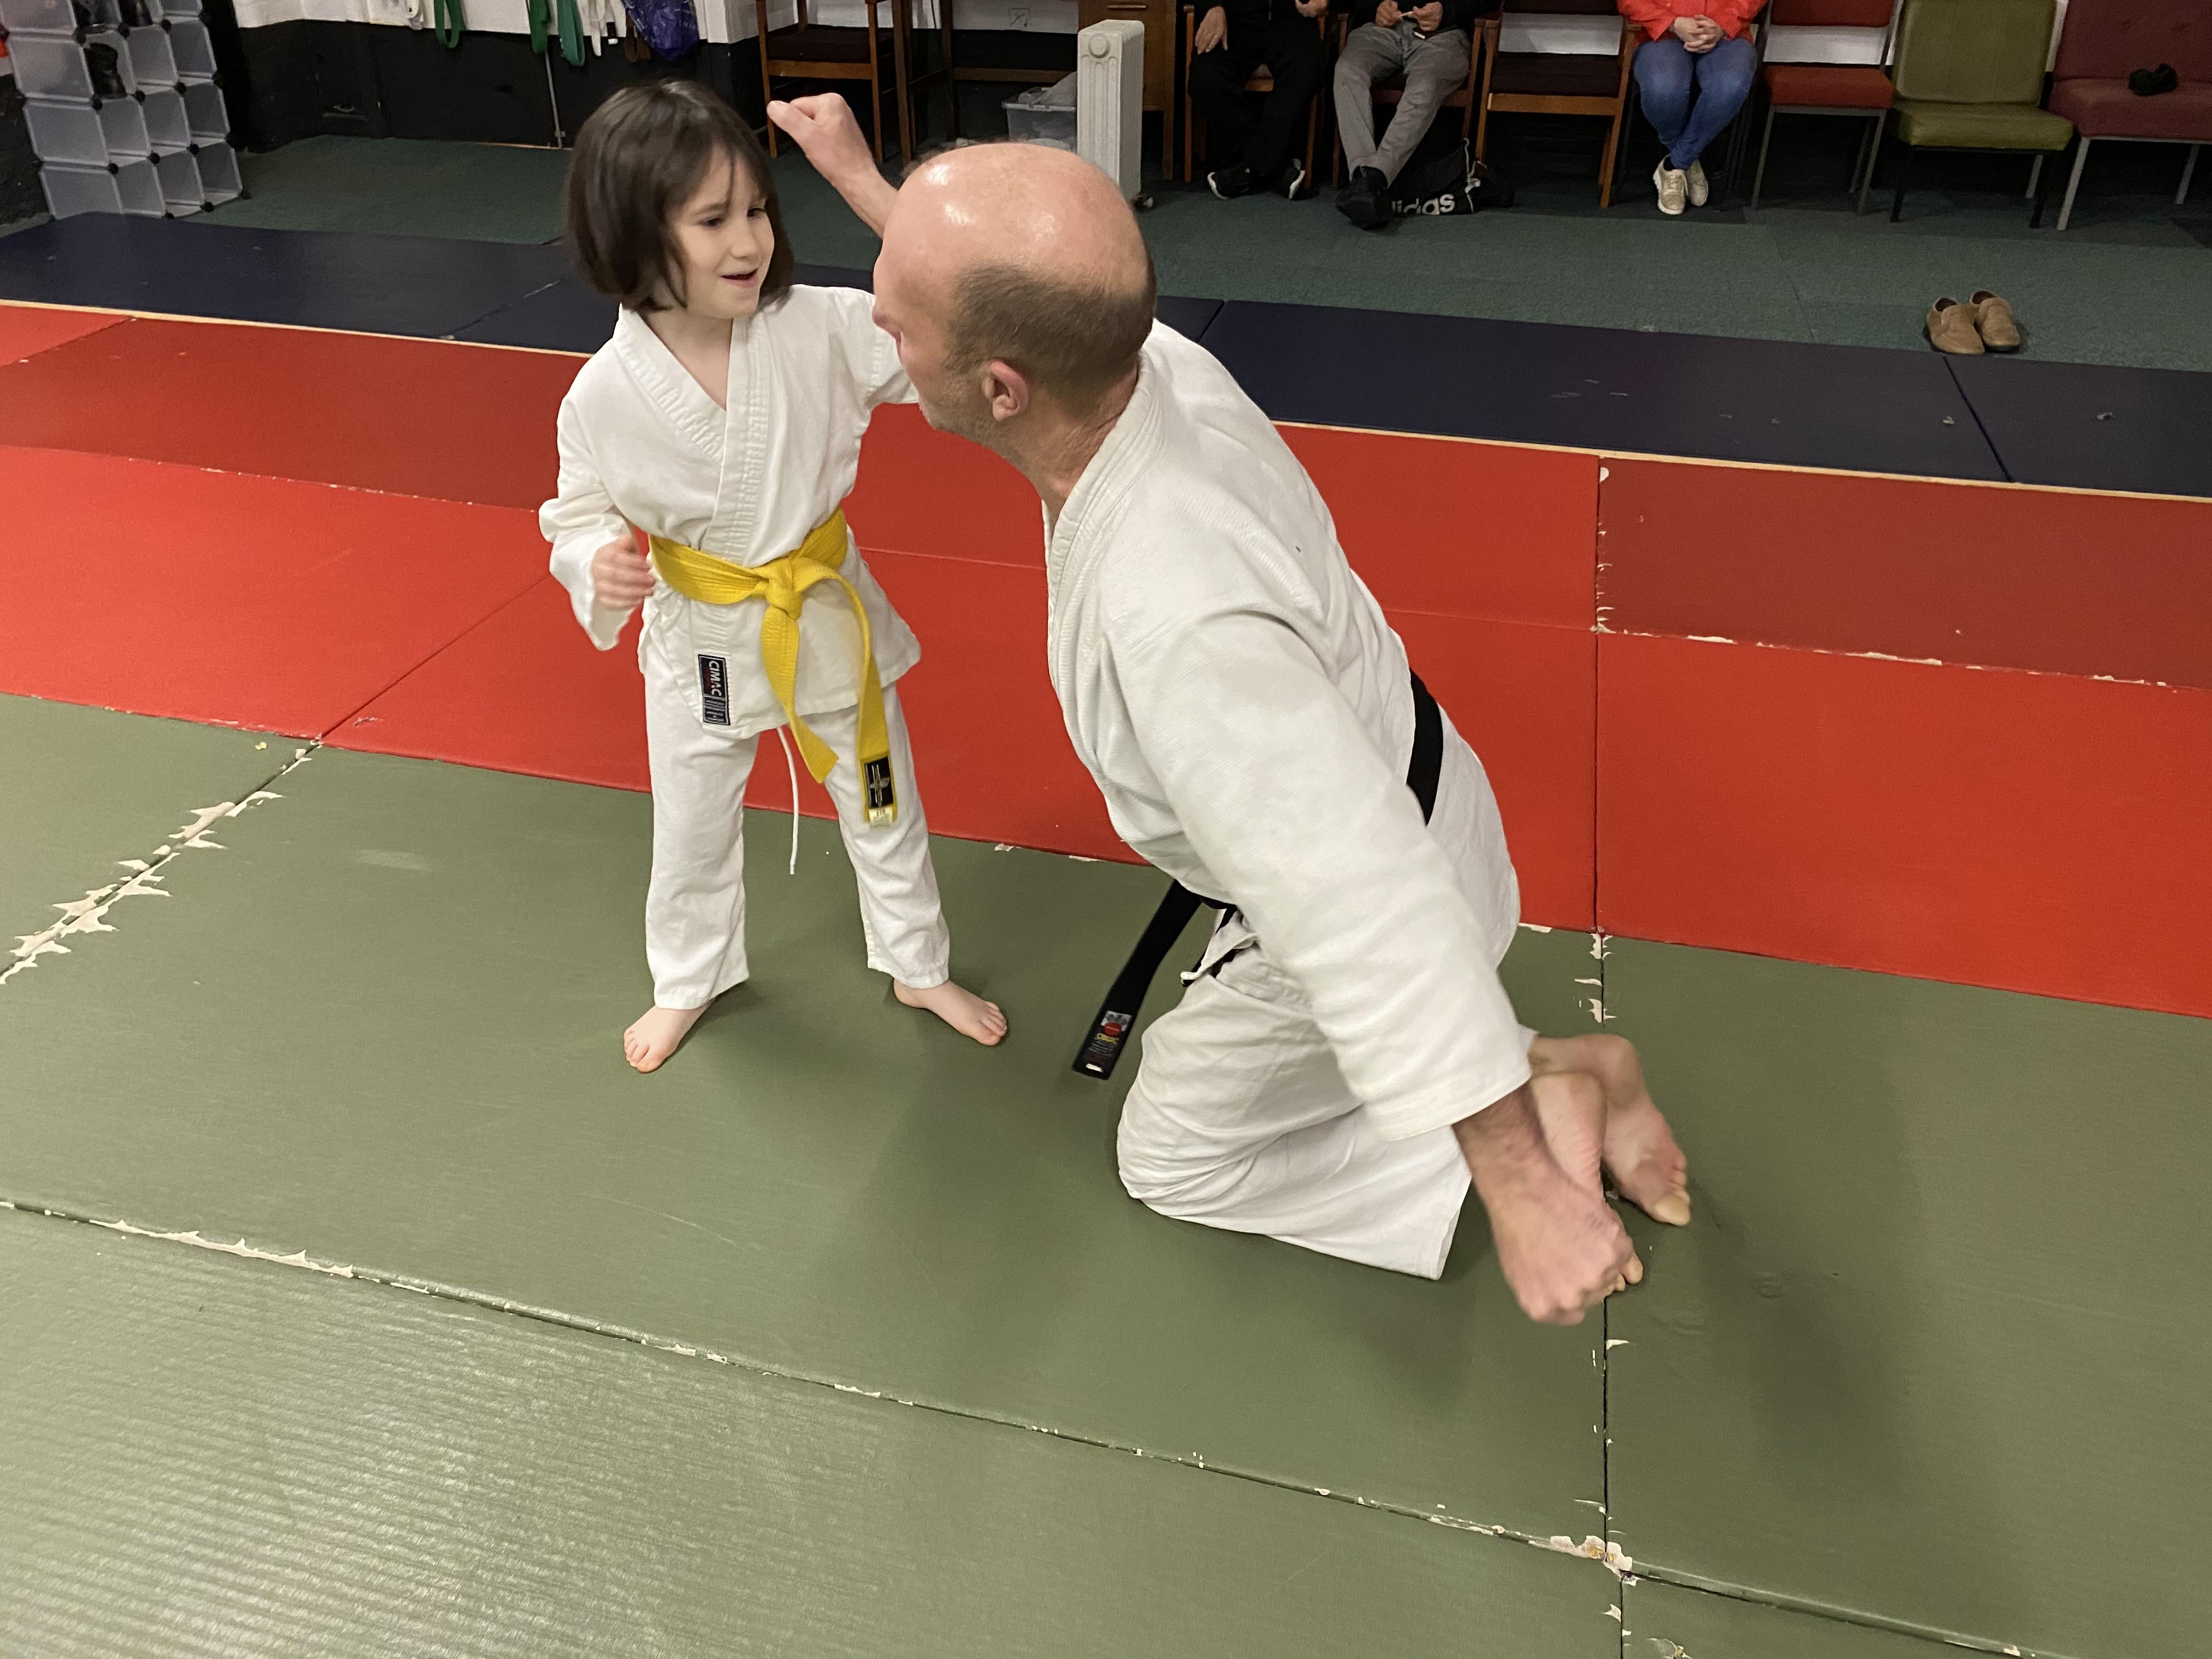 giant vs little girl 1